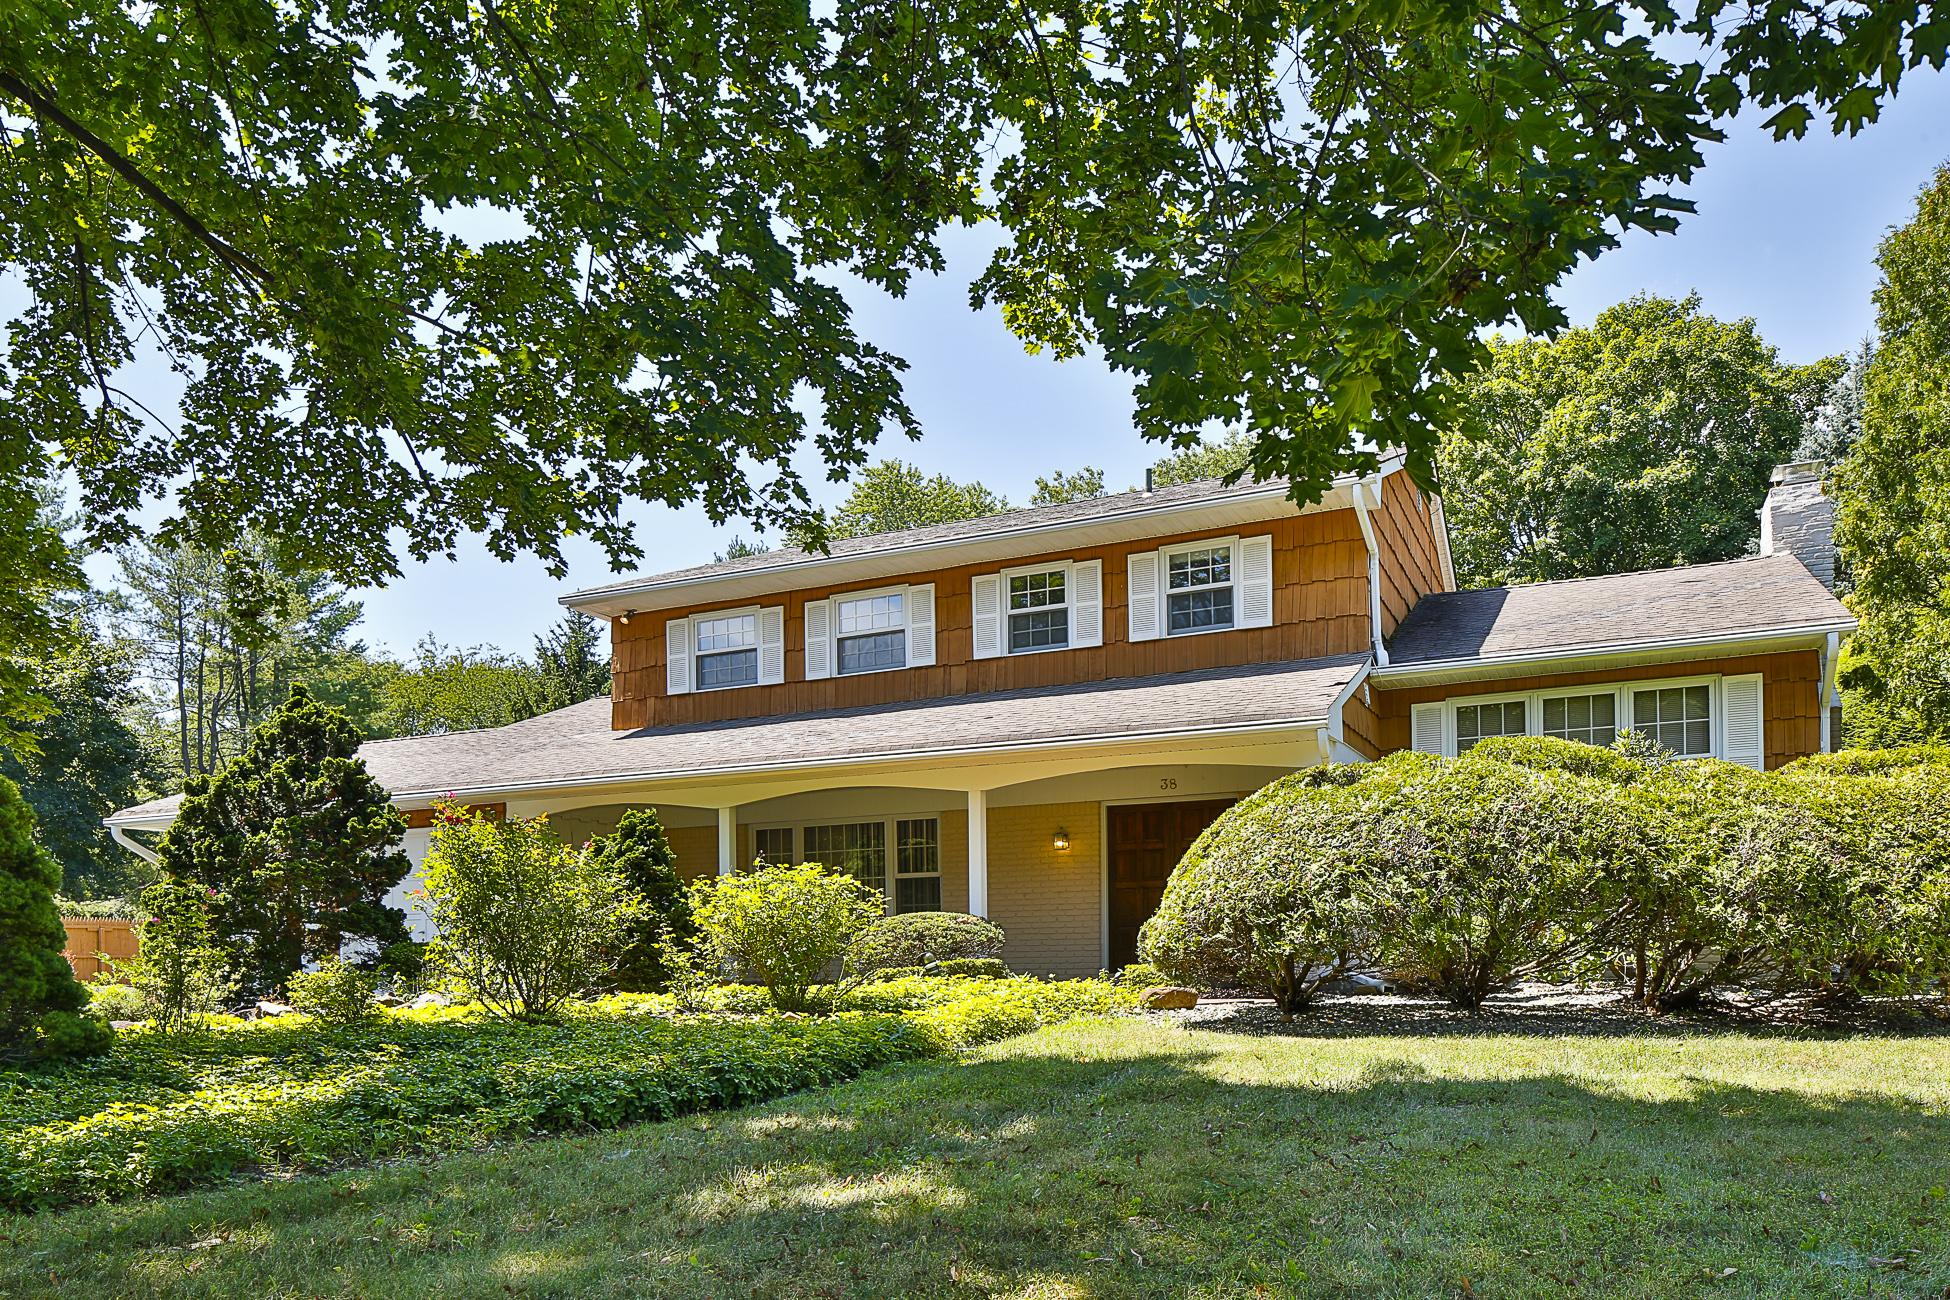 Casa Unifamiliar por un Venta en Princeton Ivy Estates Colonial - West Windsor Township 38 Windsor Drive West Windsor, Nueva Jersey 08550 Estados Unidos